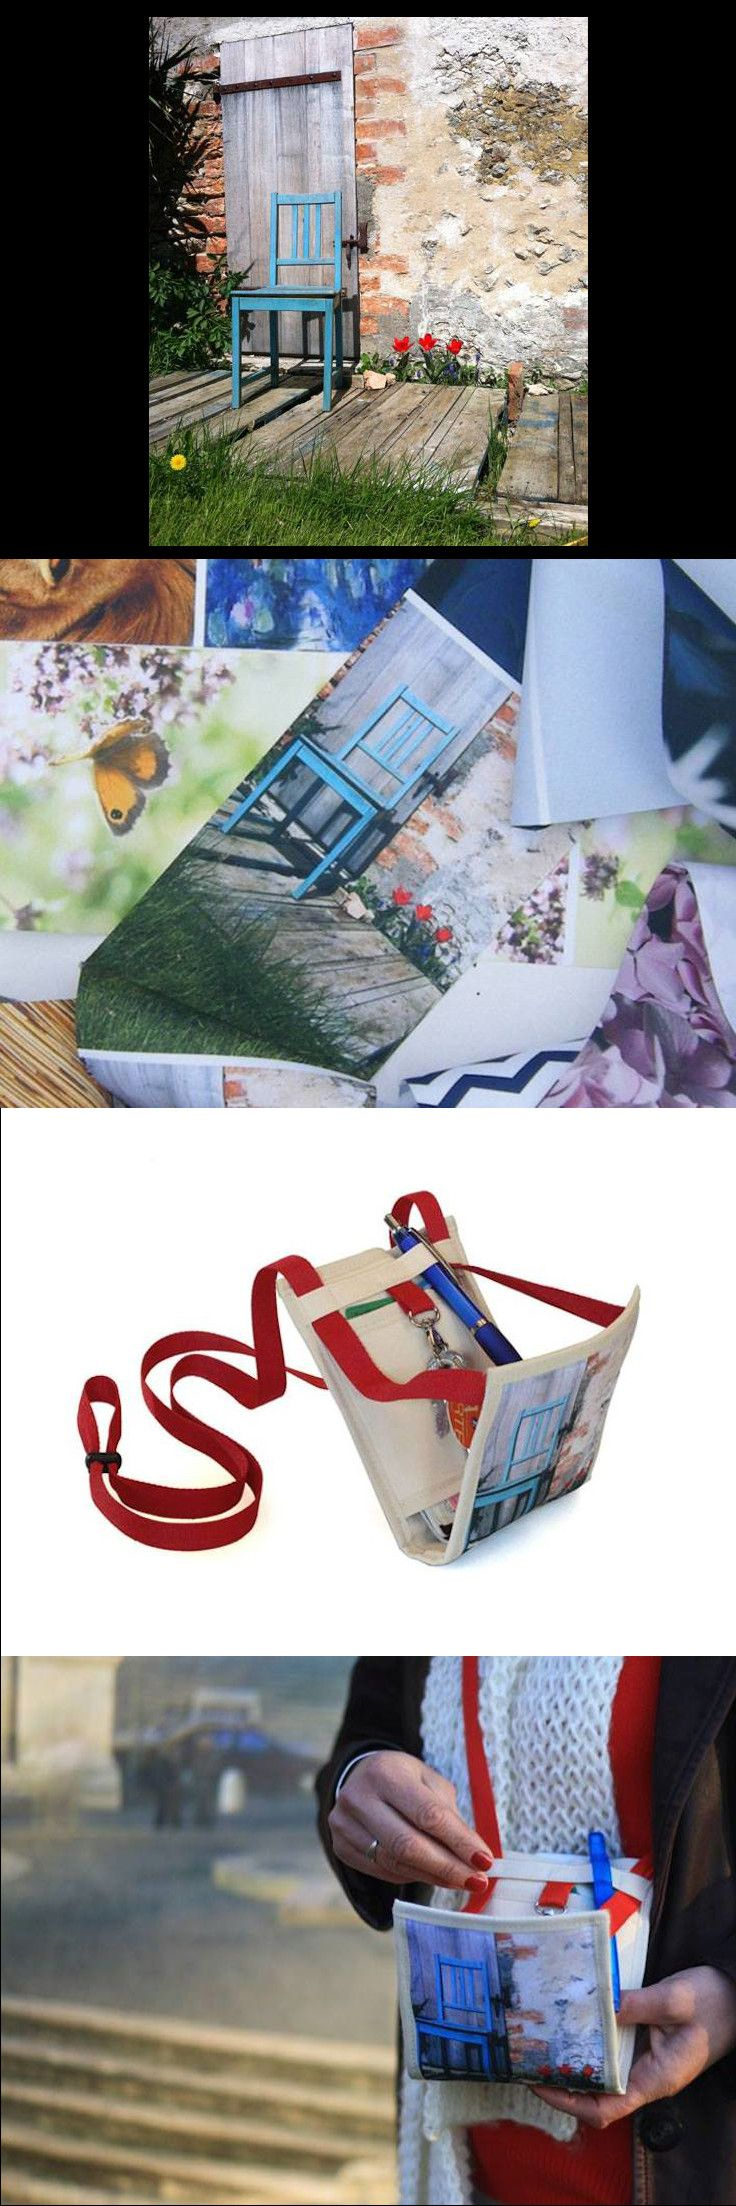 Le Ti Sac Couleur Tulipes - [EN] How this wonderful small bag, with its authentic style, was born, from the idea to the final bag [FR] Comment est né ce merveilleux petit sac au style très authentique, depuis l'idée jusqu'au sac final https://www.tisac.shop #bag_creation #bag_inspiration #tisac